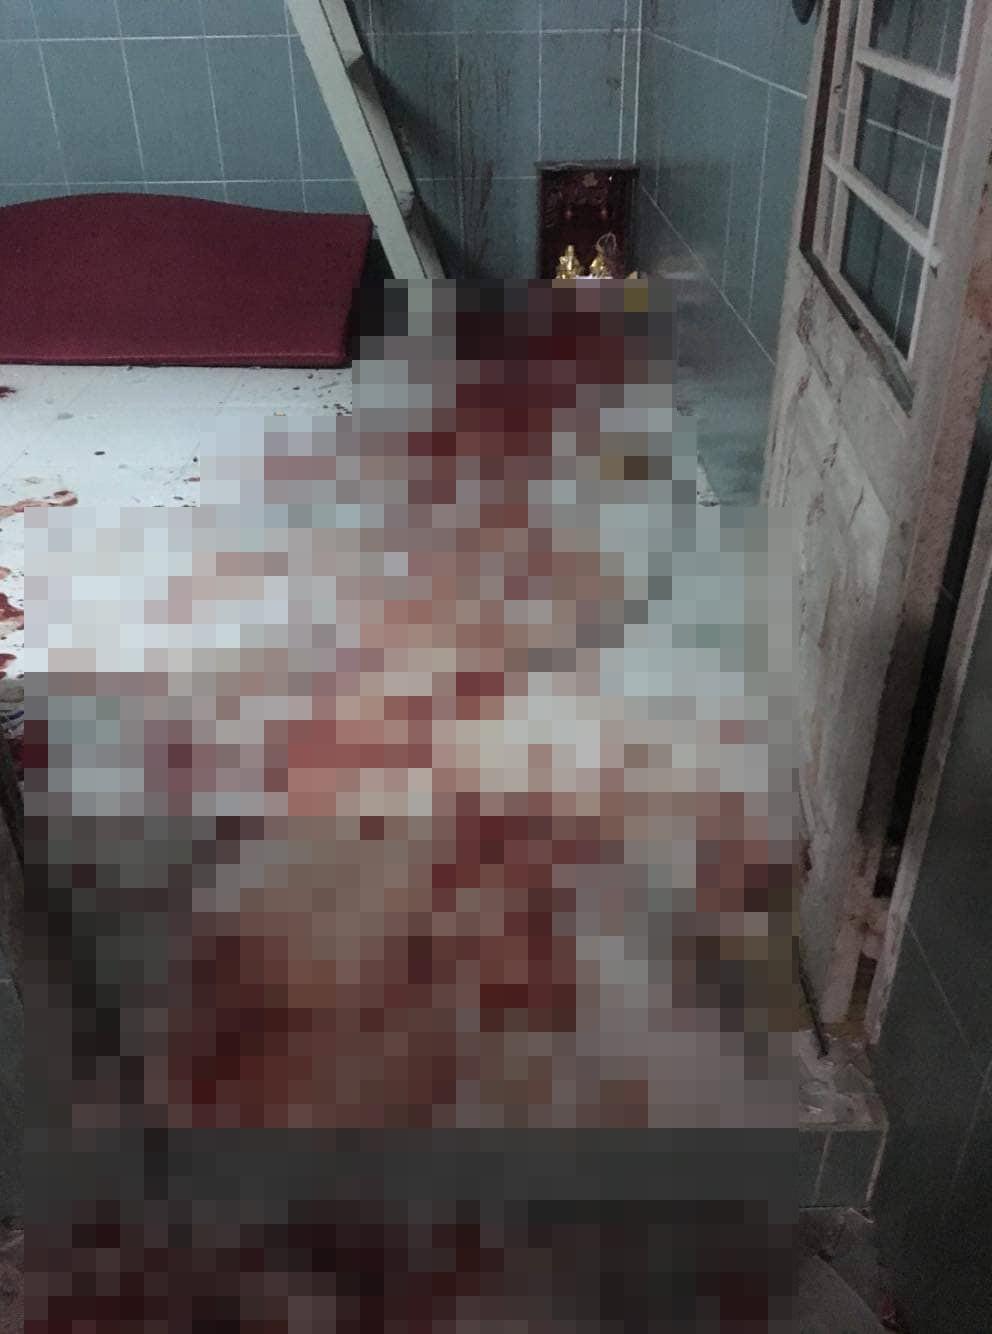 Nhóm giang hồ truy sát 4 thanh niên nguy kịch ở phòng trọ Sài Gòn - Ảnh 2.